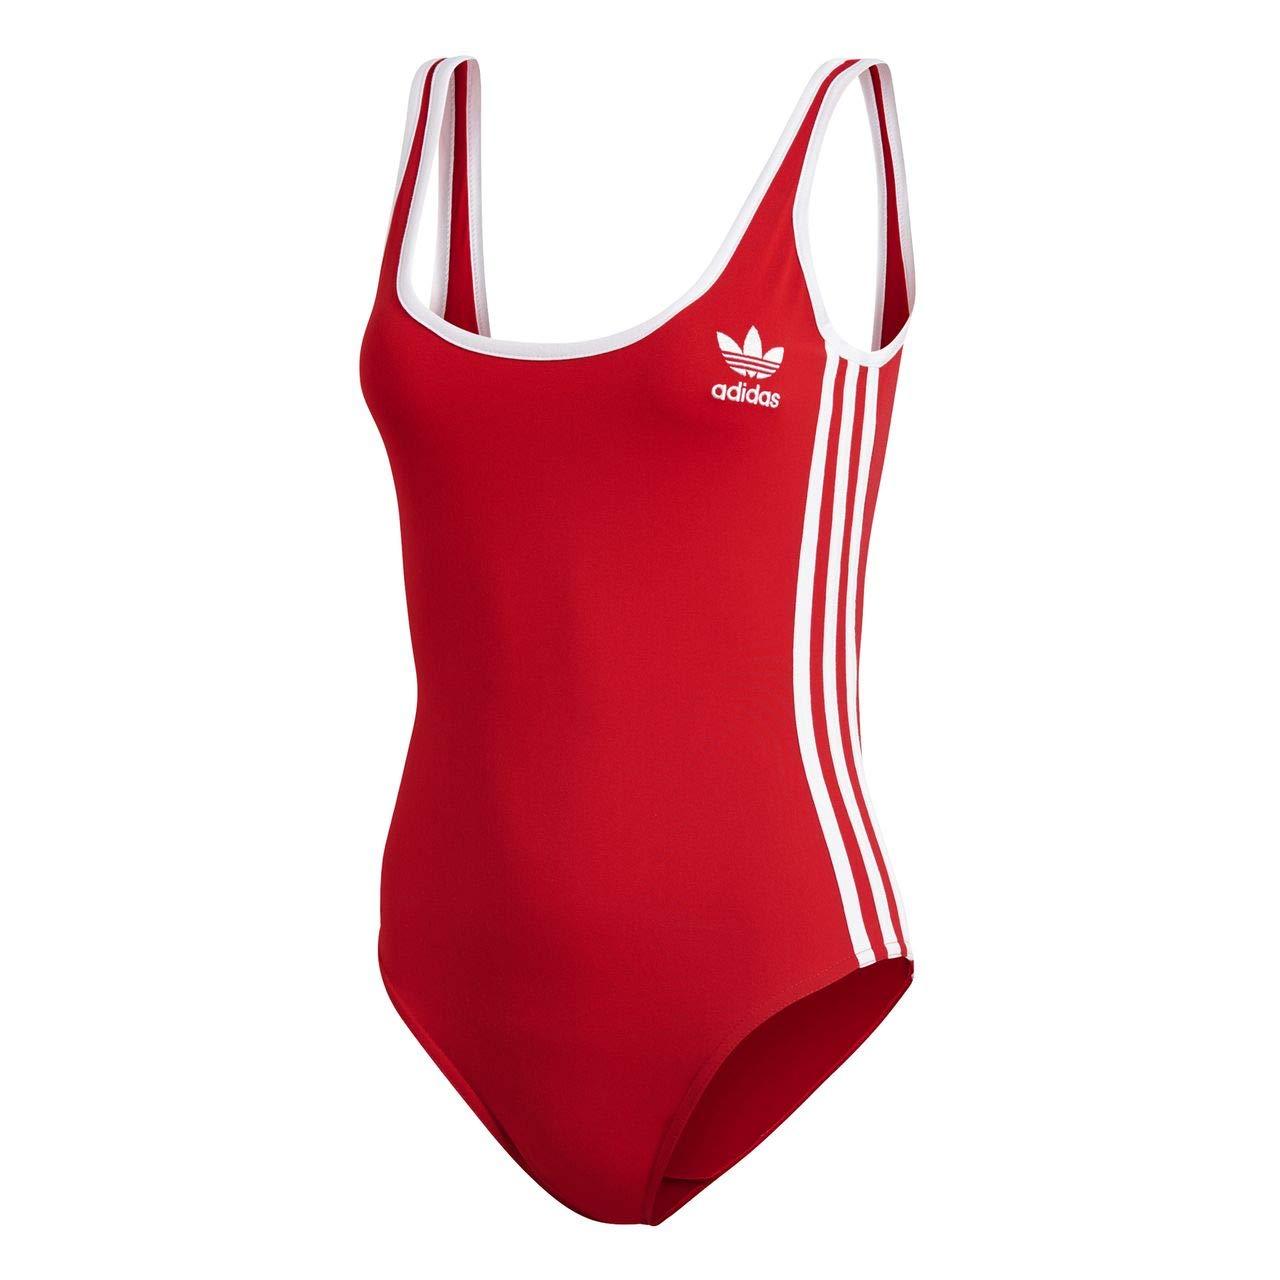 adidas Damen 3-Stripes Body Badeanzug